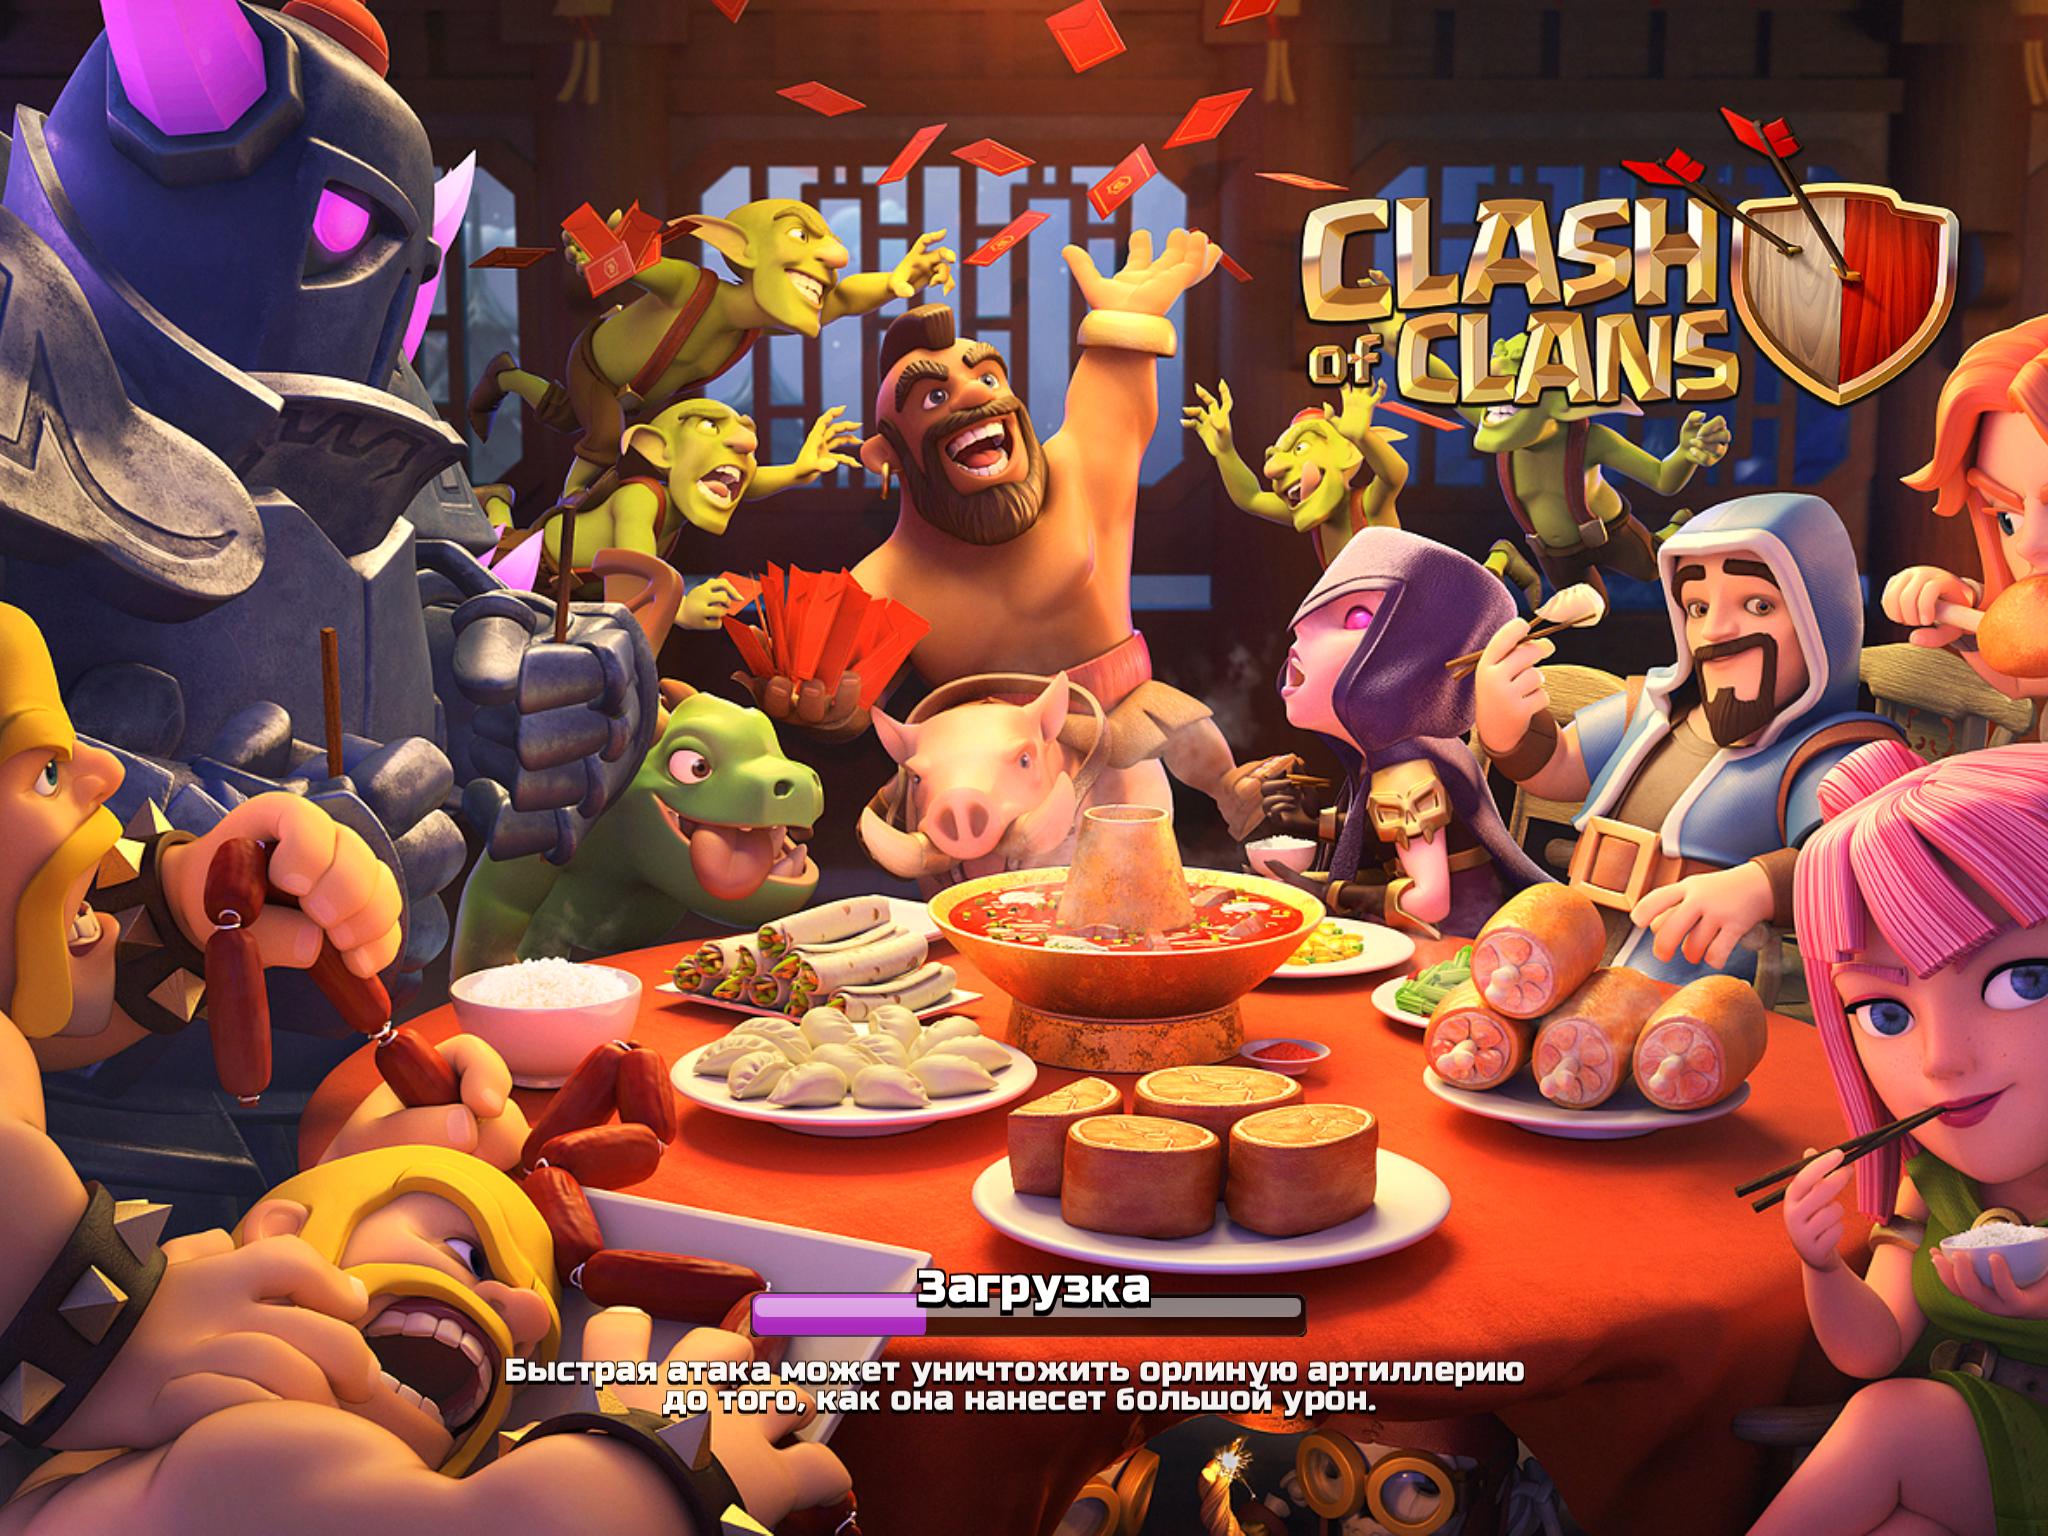 В игре появился новый праздничный экран загрузки Clash of Clans